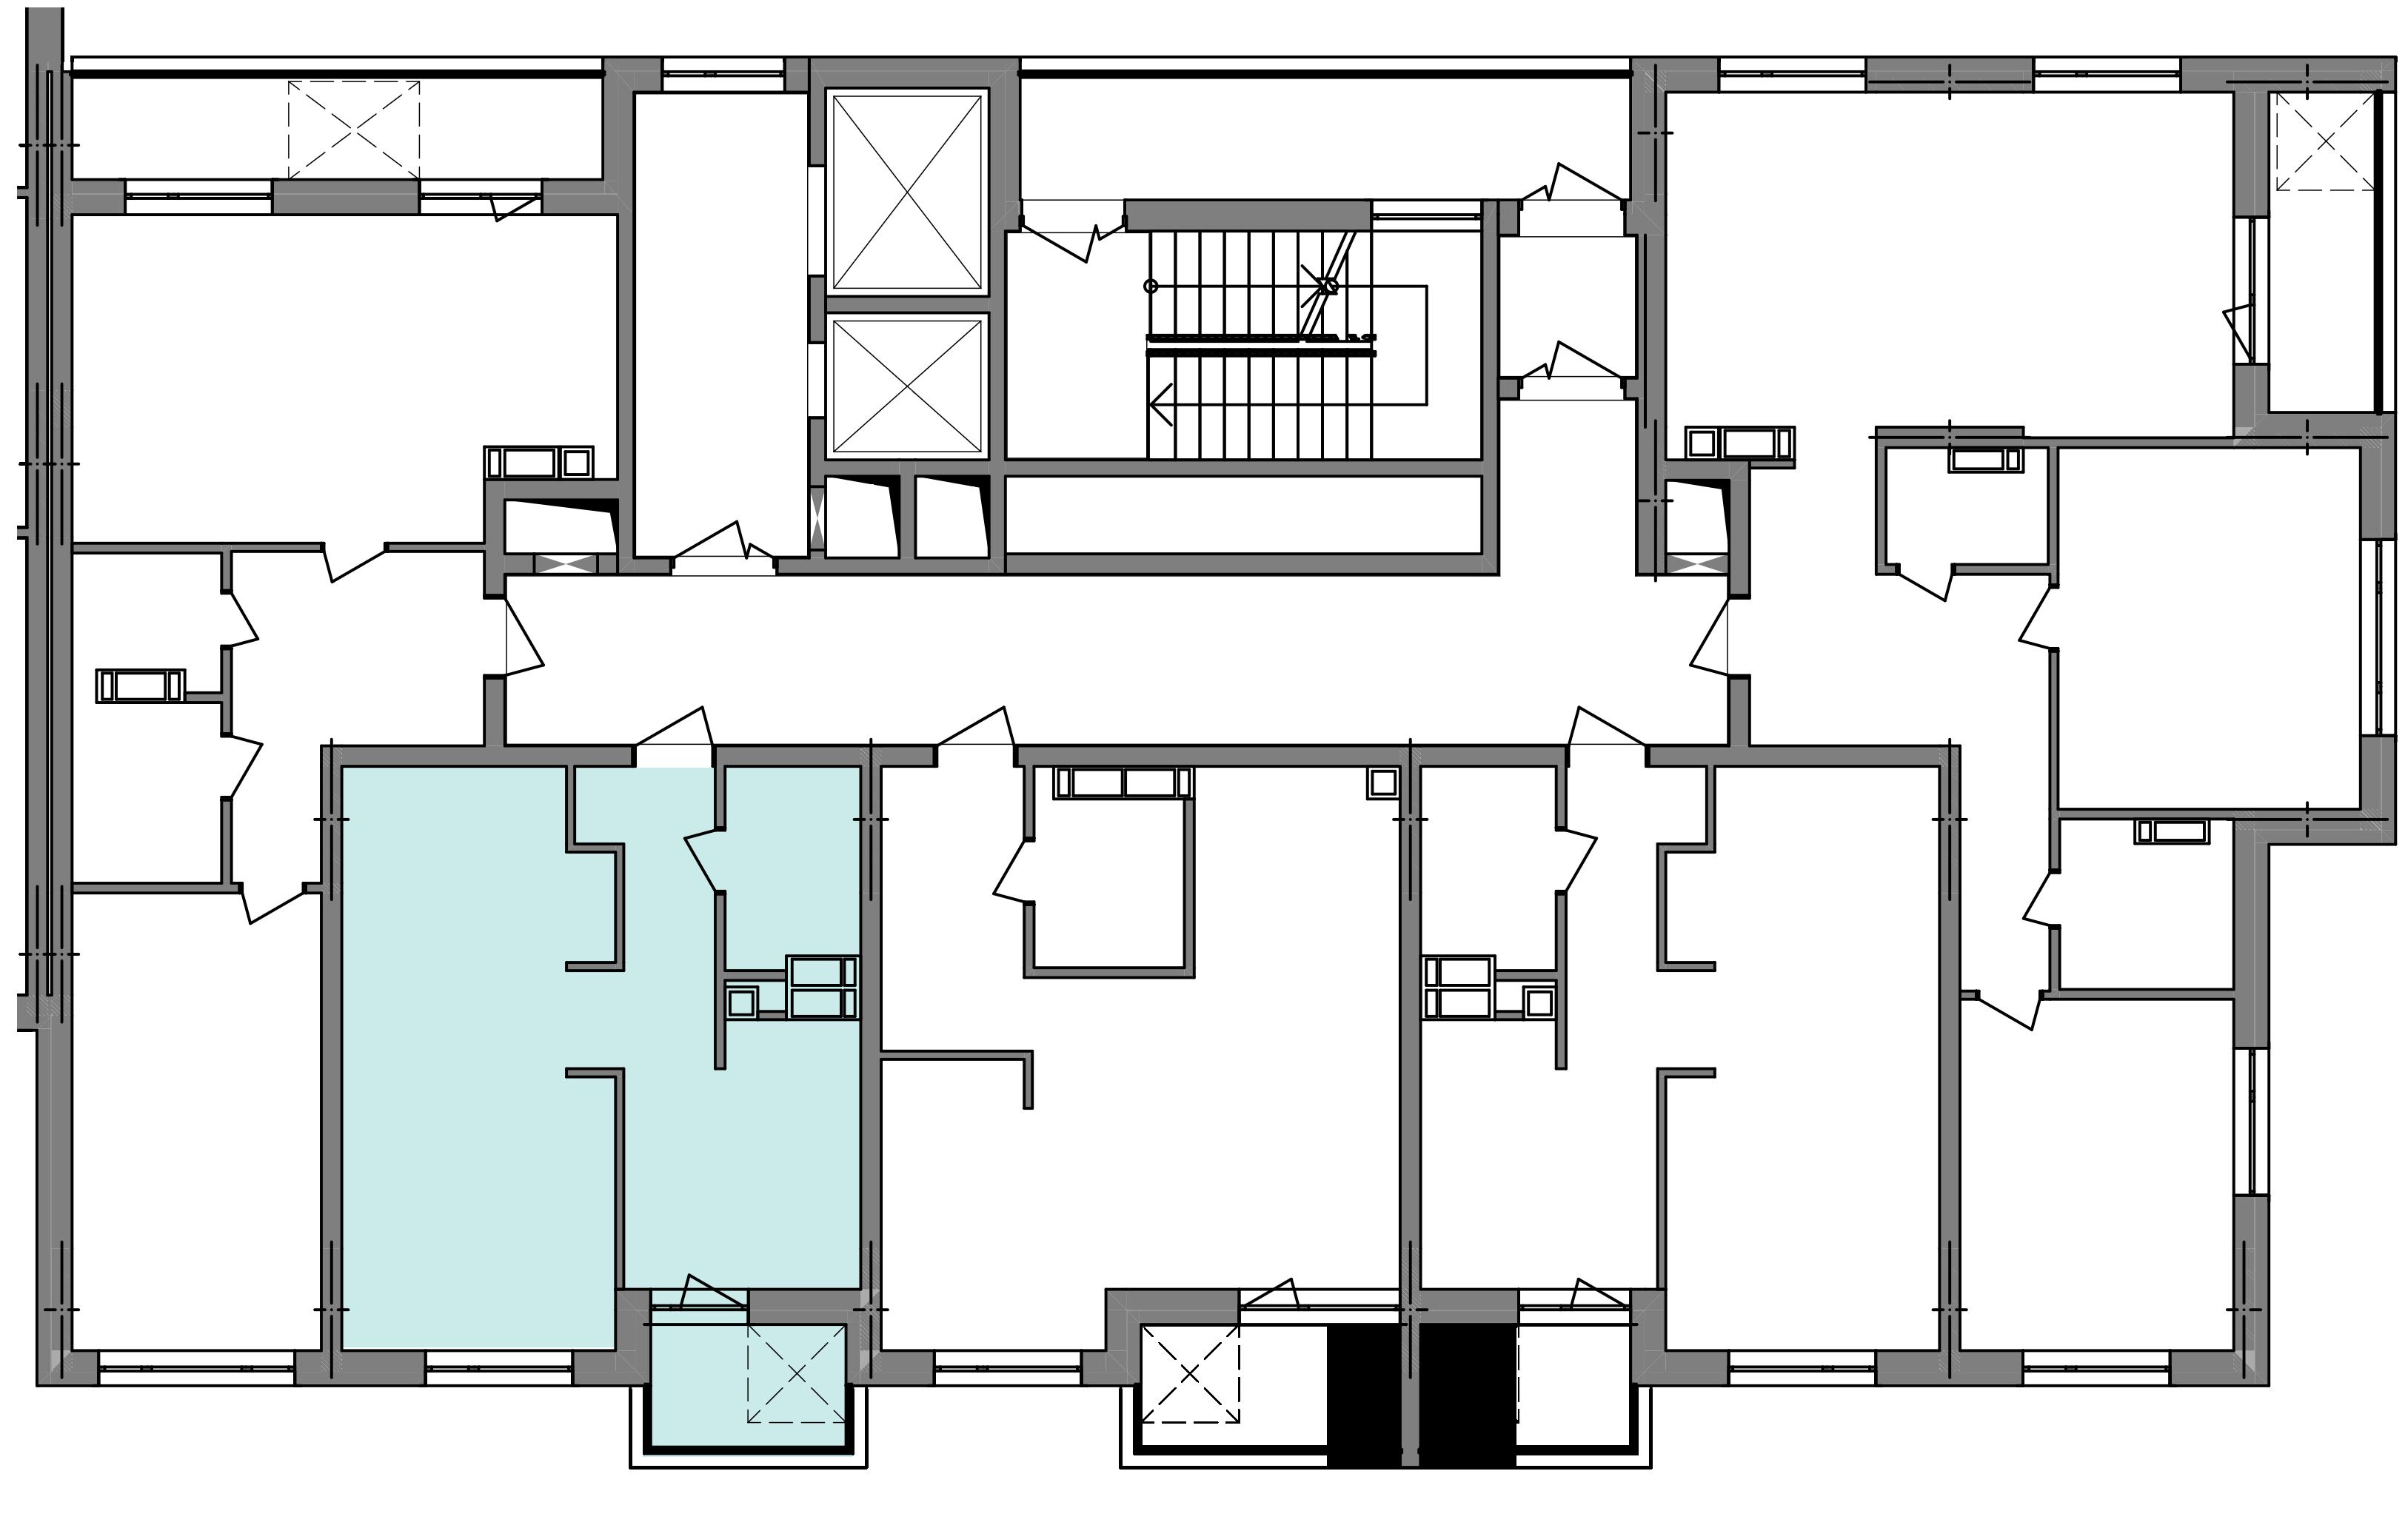 Однокімнатна квартира 40,42 кв.м., тип 1.6, будинок 3 секція 5 розташування на поверсі